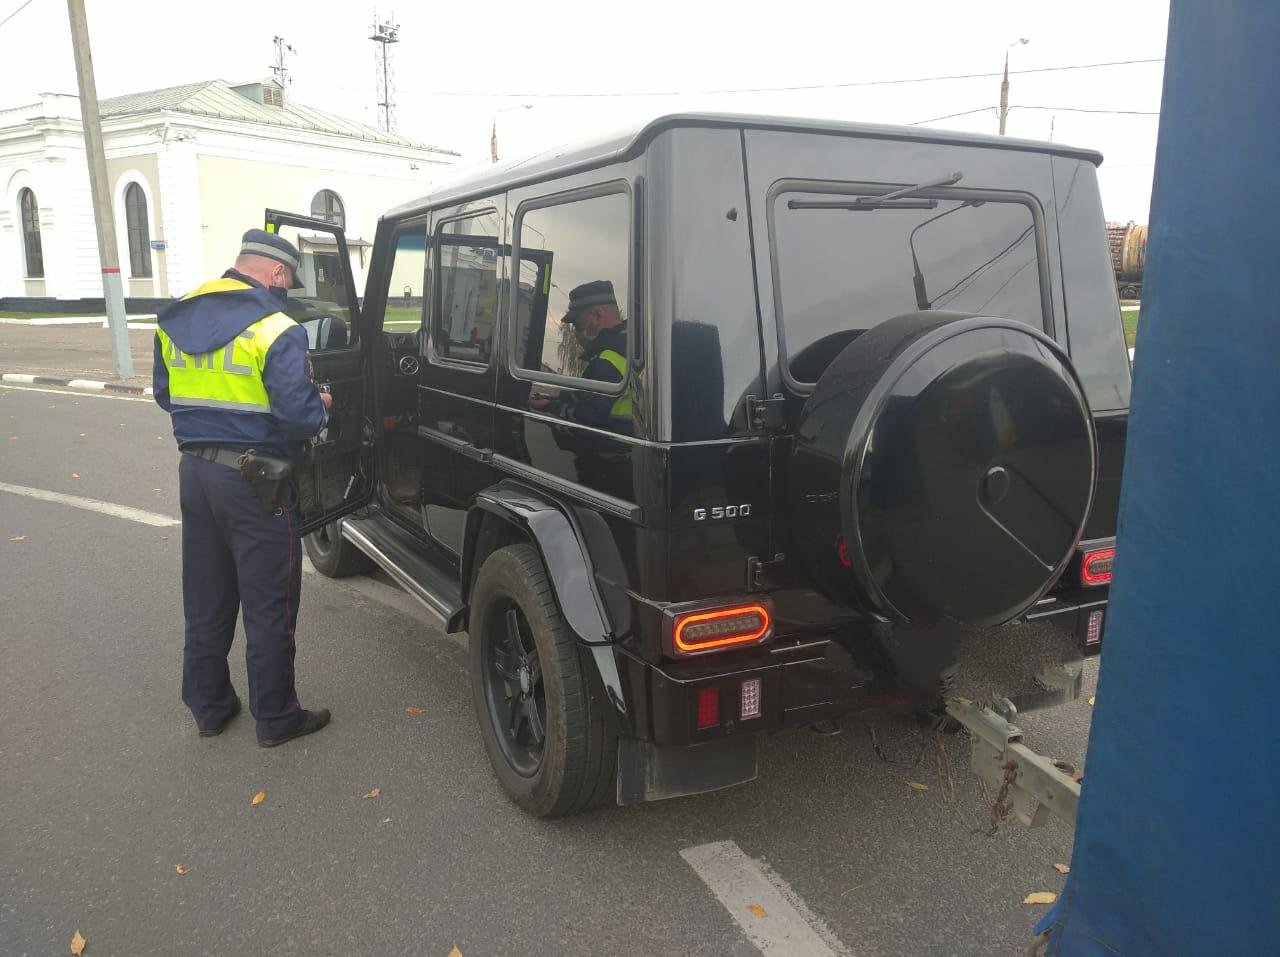 22 нарушителя за час: в Ярославле тормозили тонированные машины